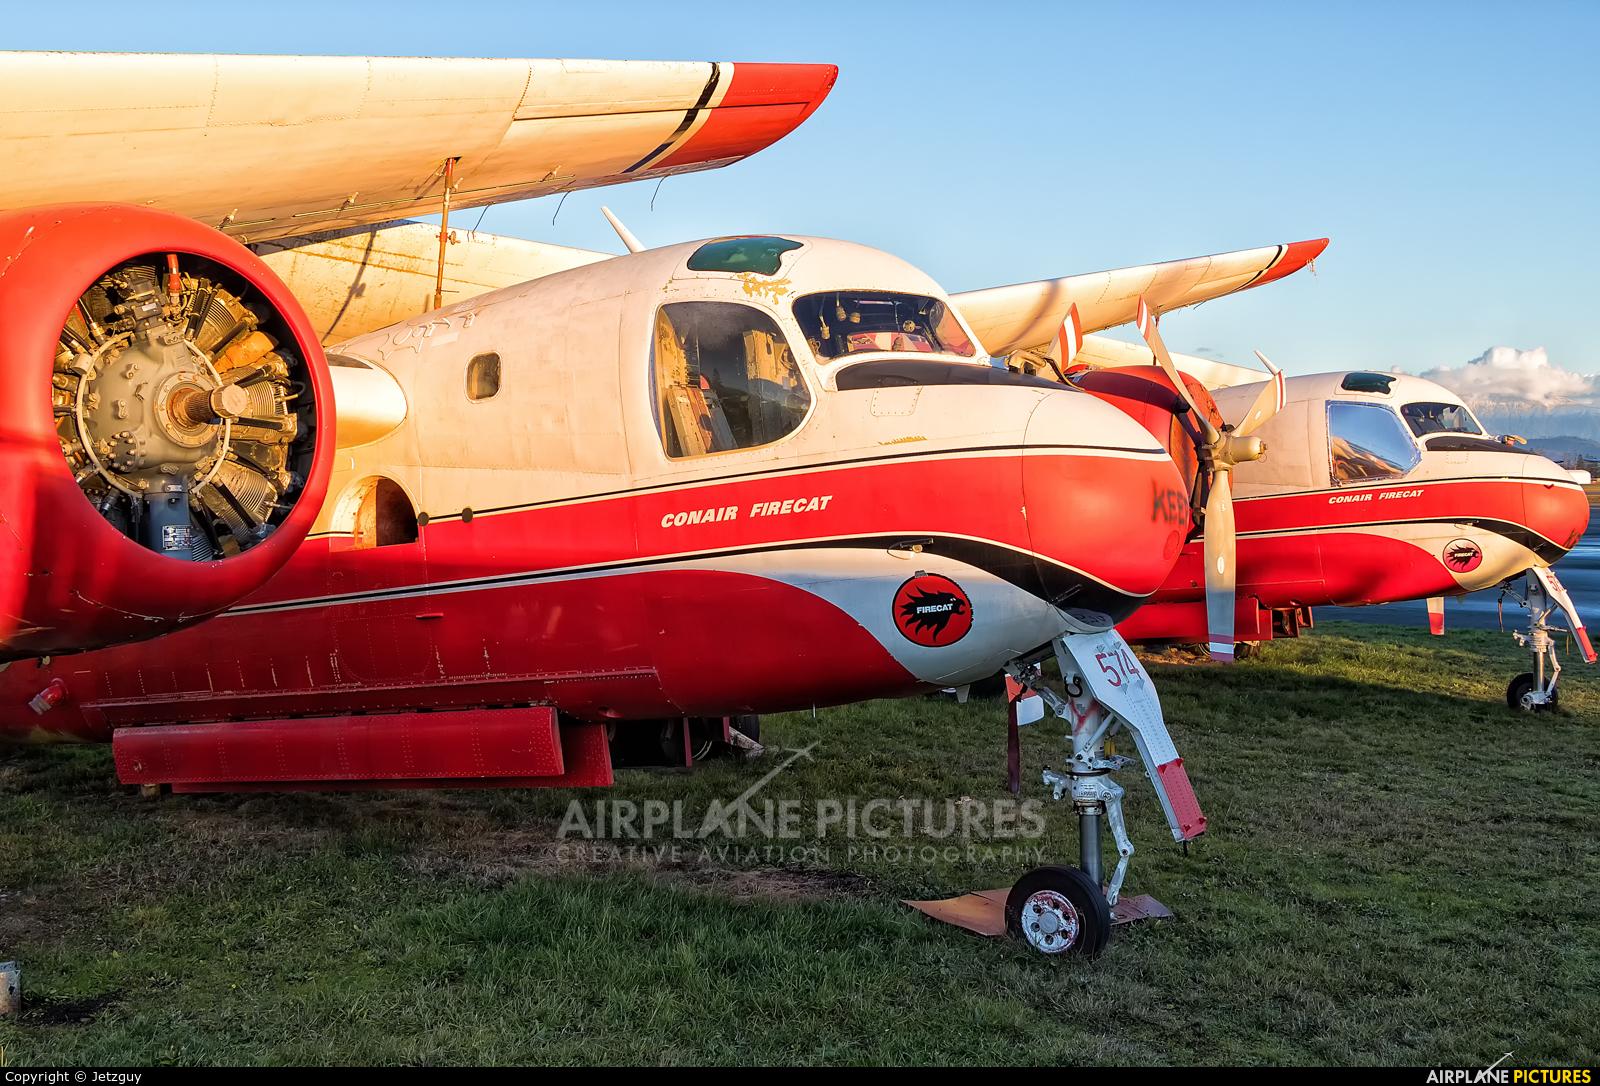 Conair C-FEFK aircraft at Abbotsford, BC